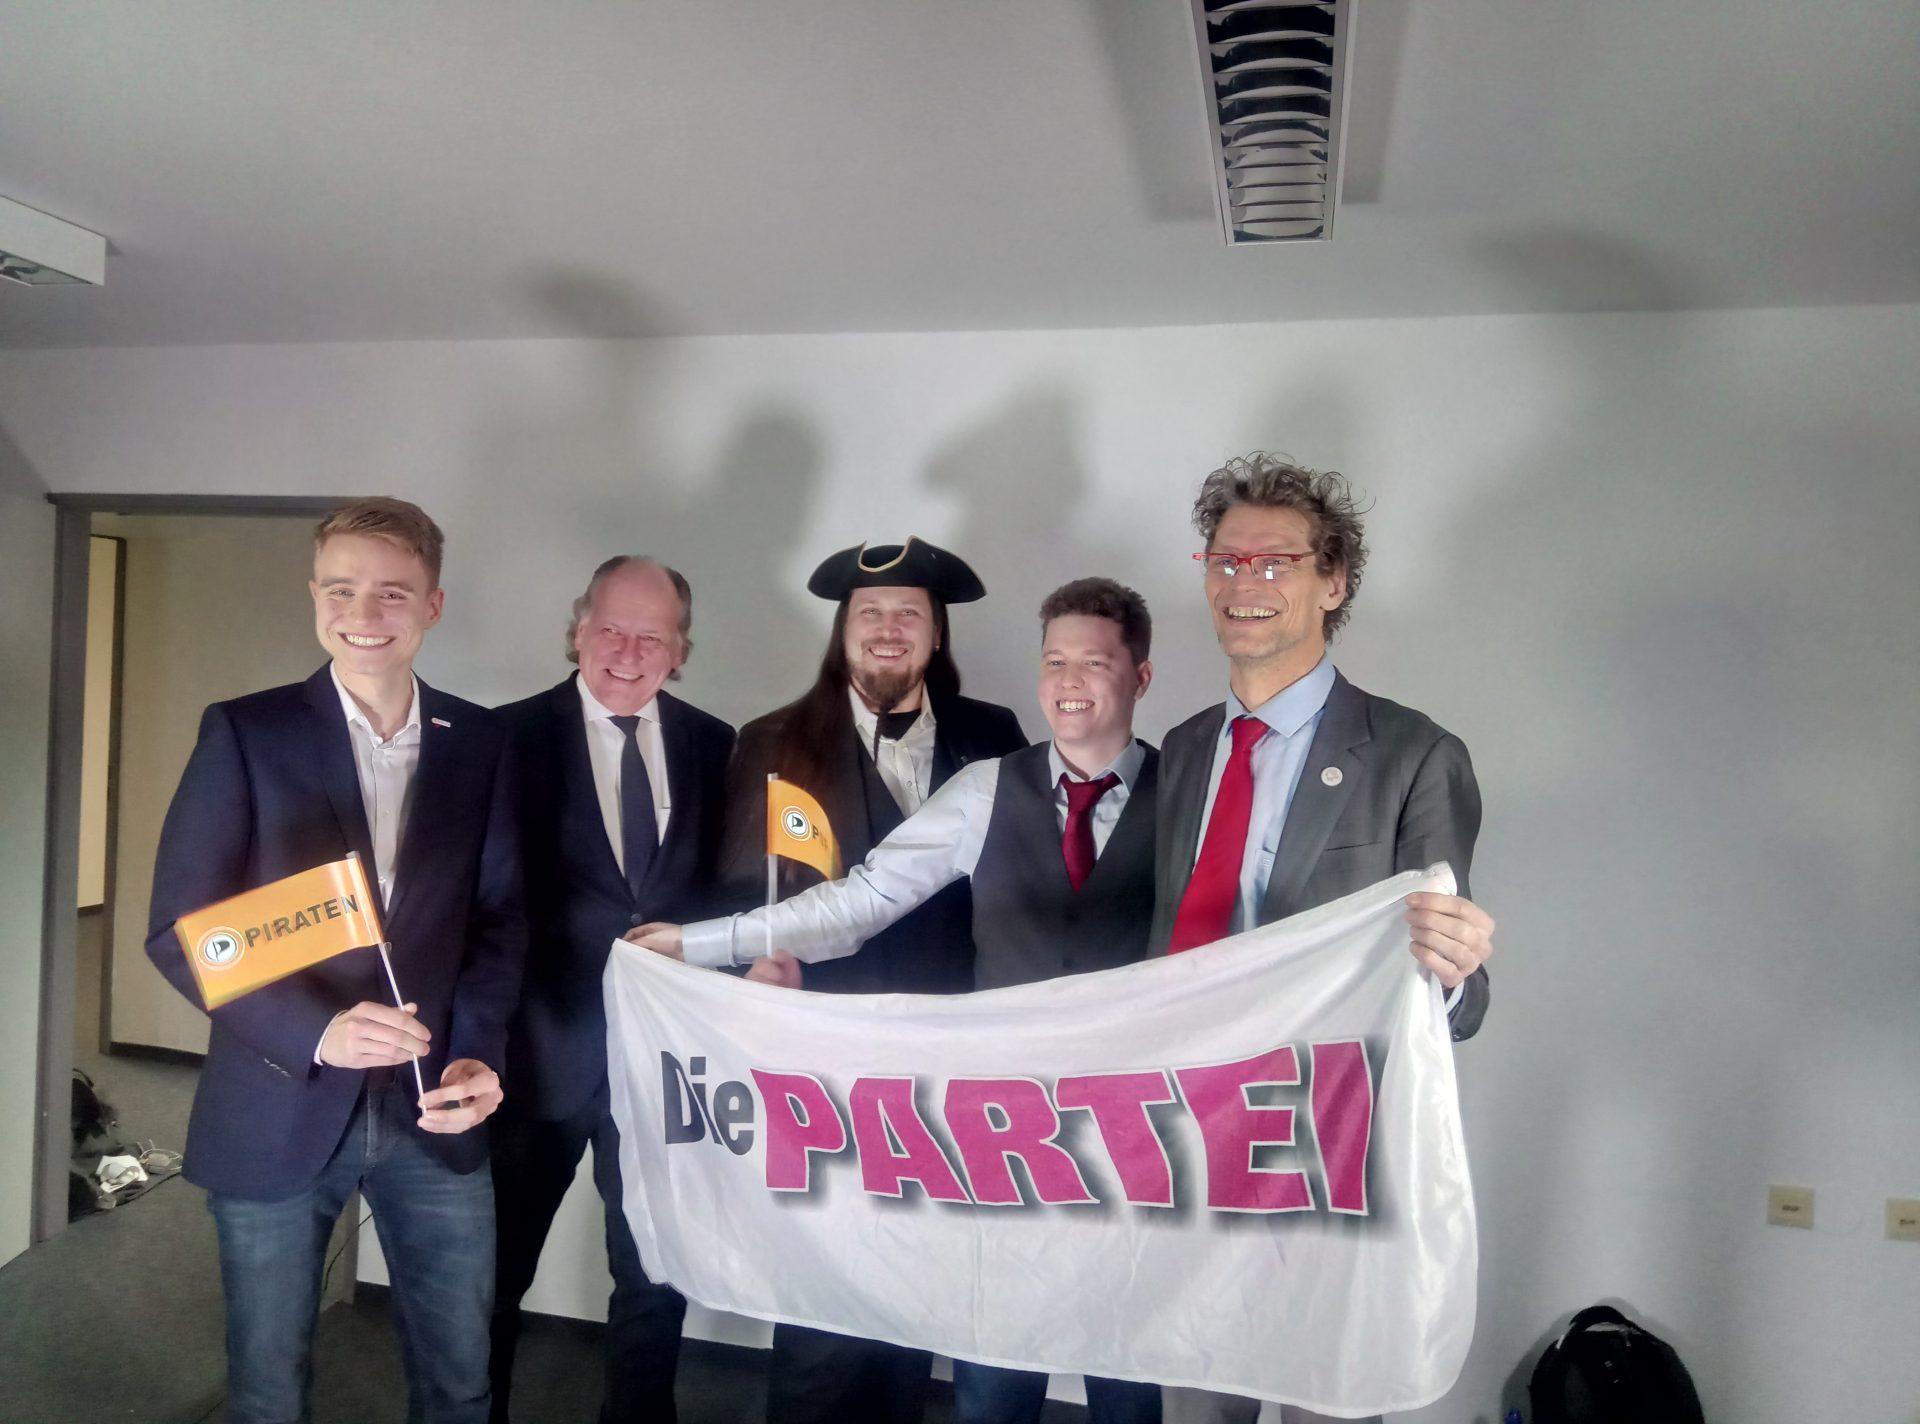 V.l.n.r.: Lukas Küffner, Robert Helmreich, Florian Betz, Simon Schelte und Jörg Knapp